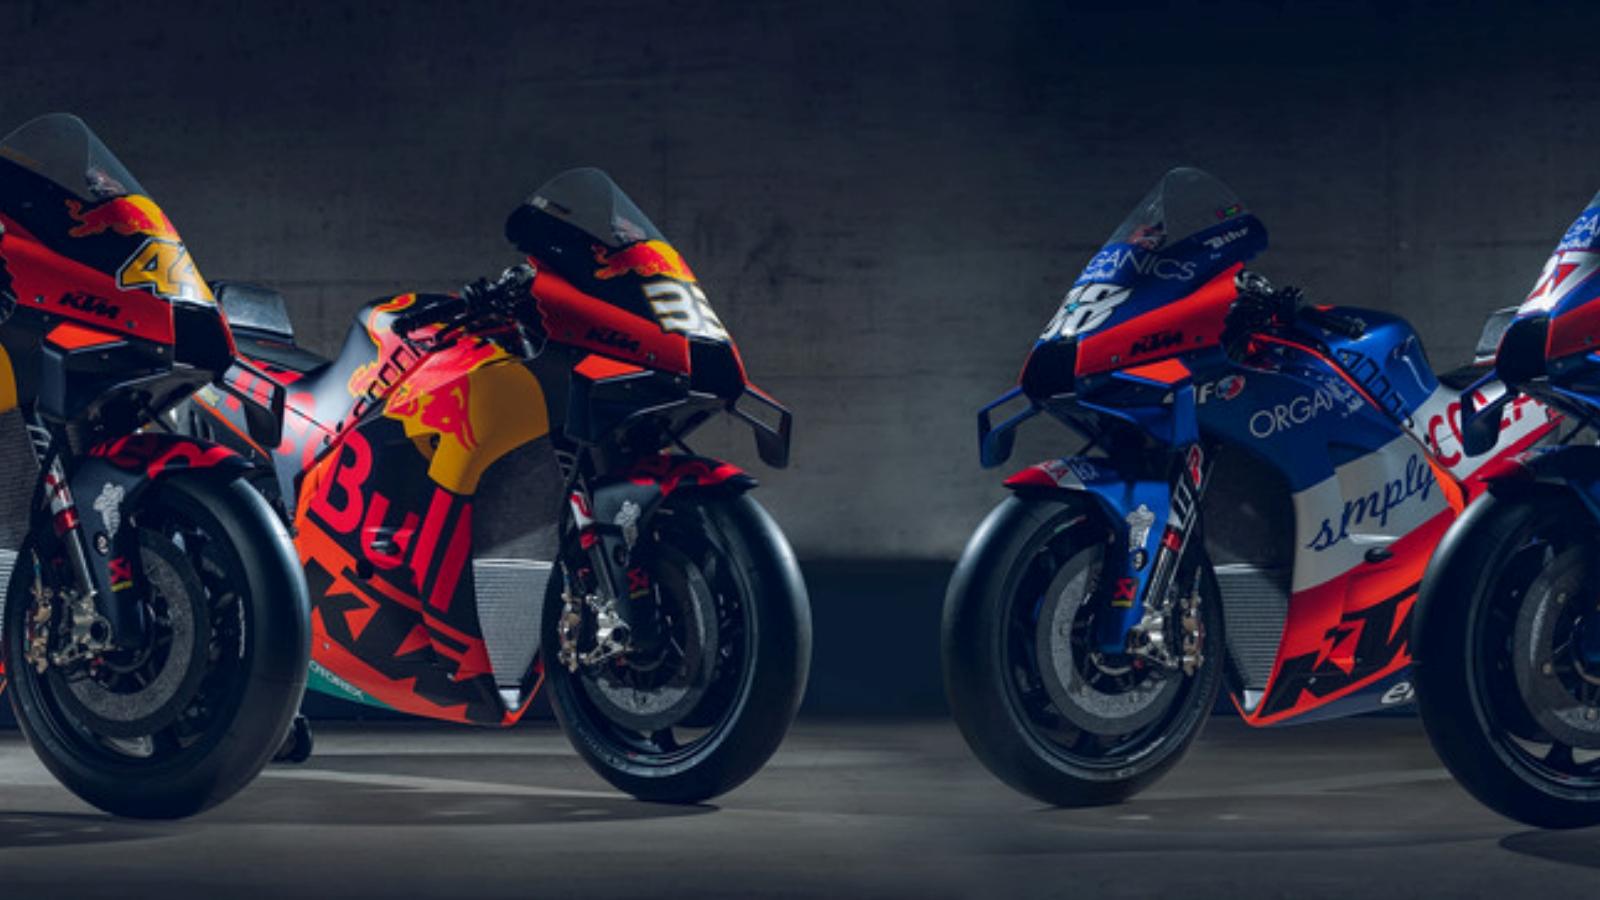 Vuelve a ver la presentación de las KTM RC16 Factory y Tech 3 para MotoGP 2020